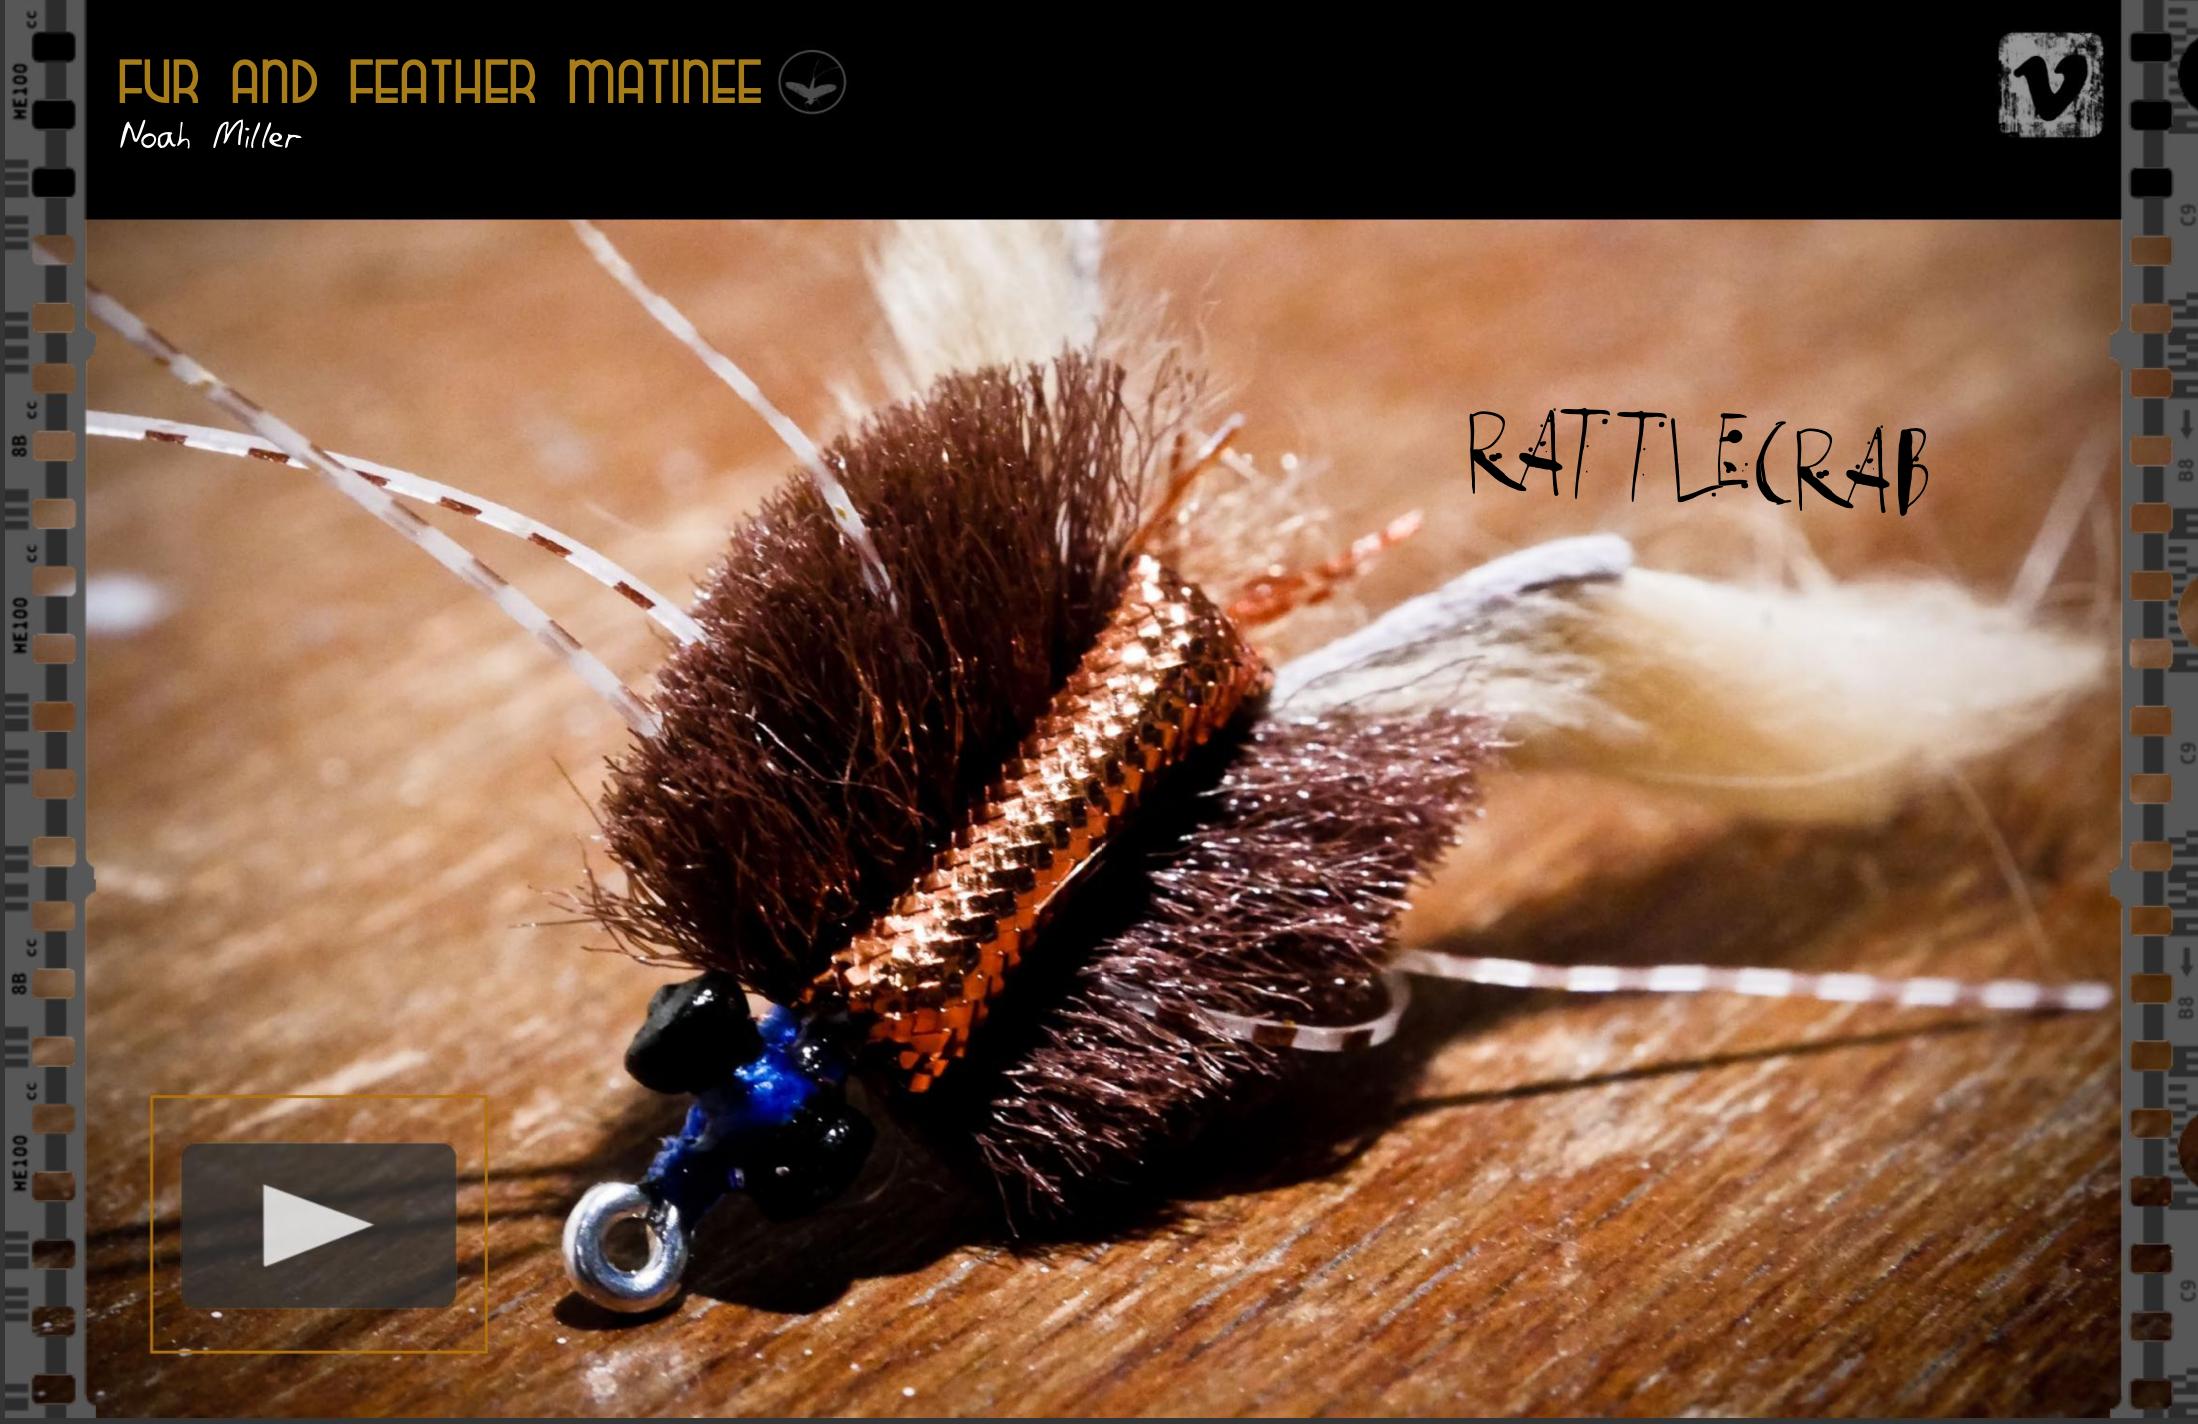 rattlecrab